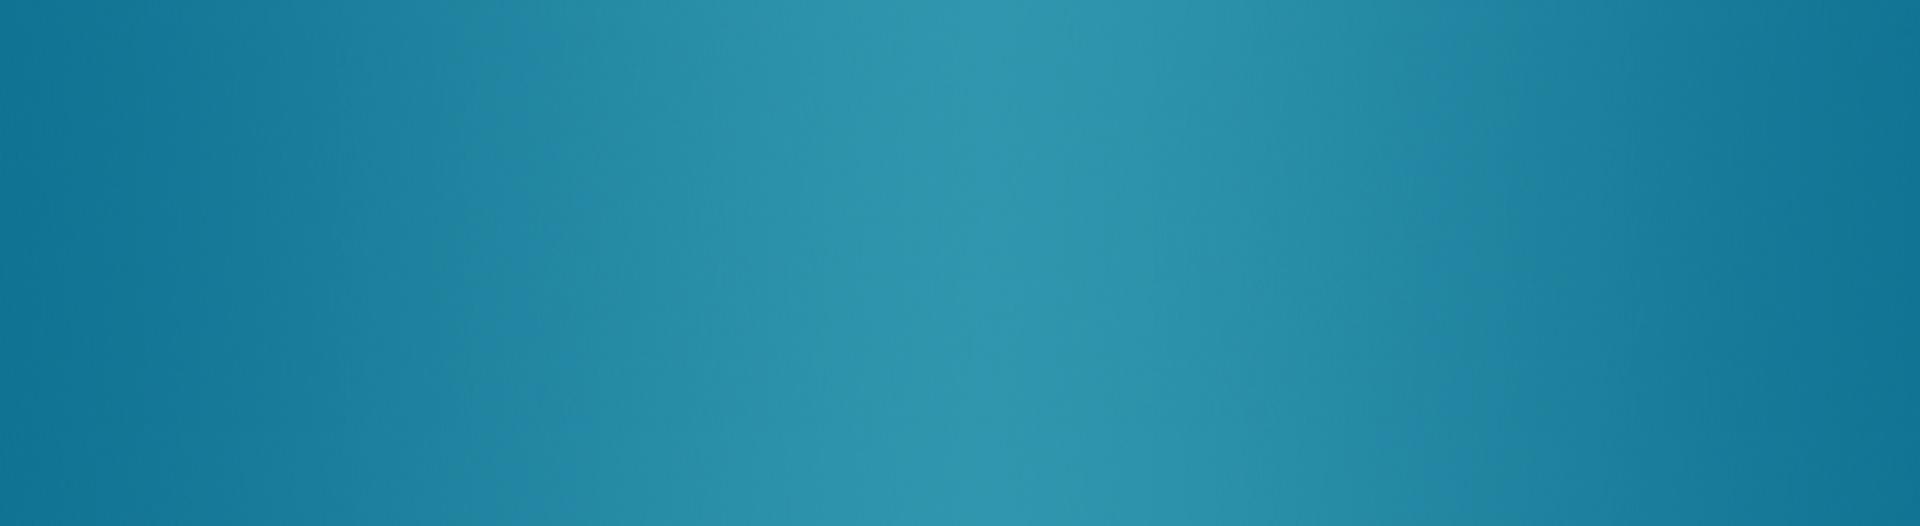 Header-bleu